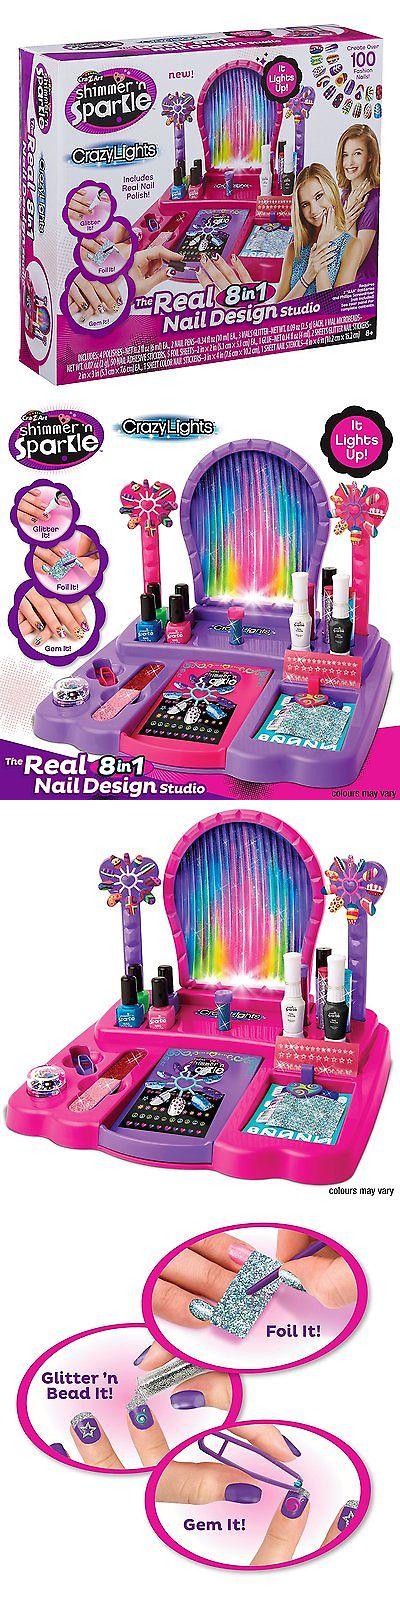 Sparkle Crazy Lights Super Nail Salon Michaelieclark